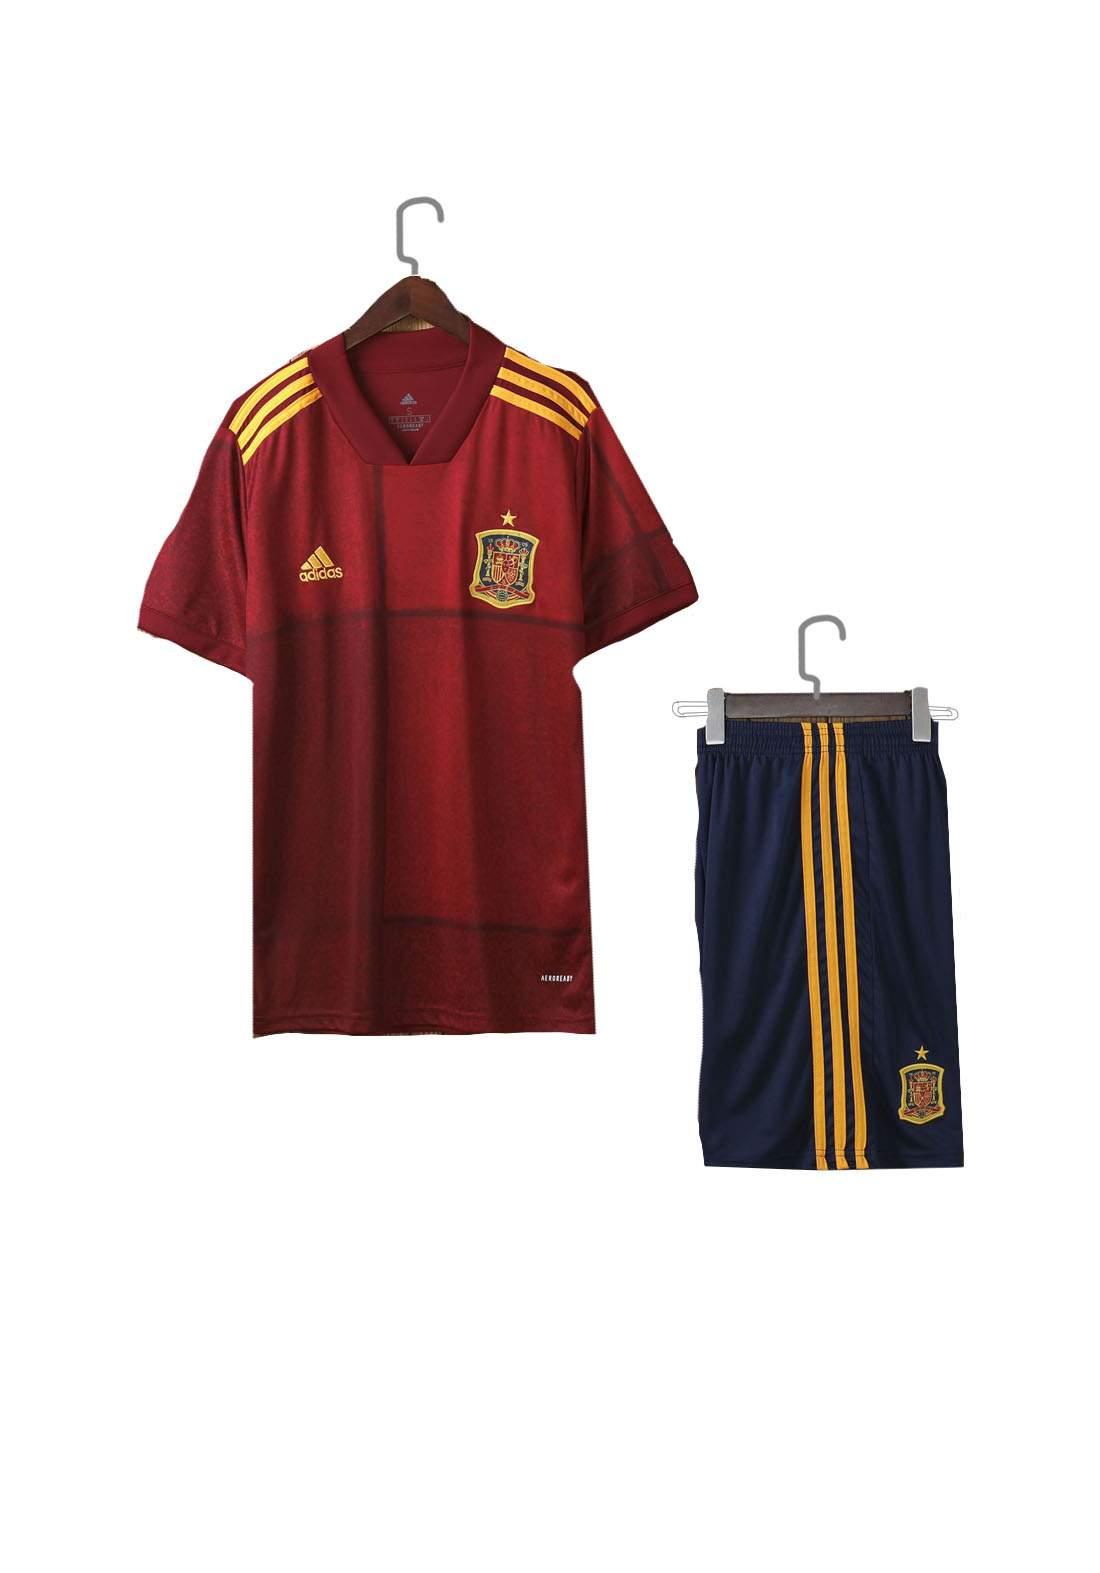 دريس رياضي رجالي Spain احمر اللون